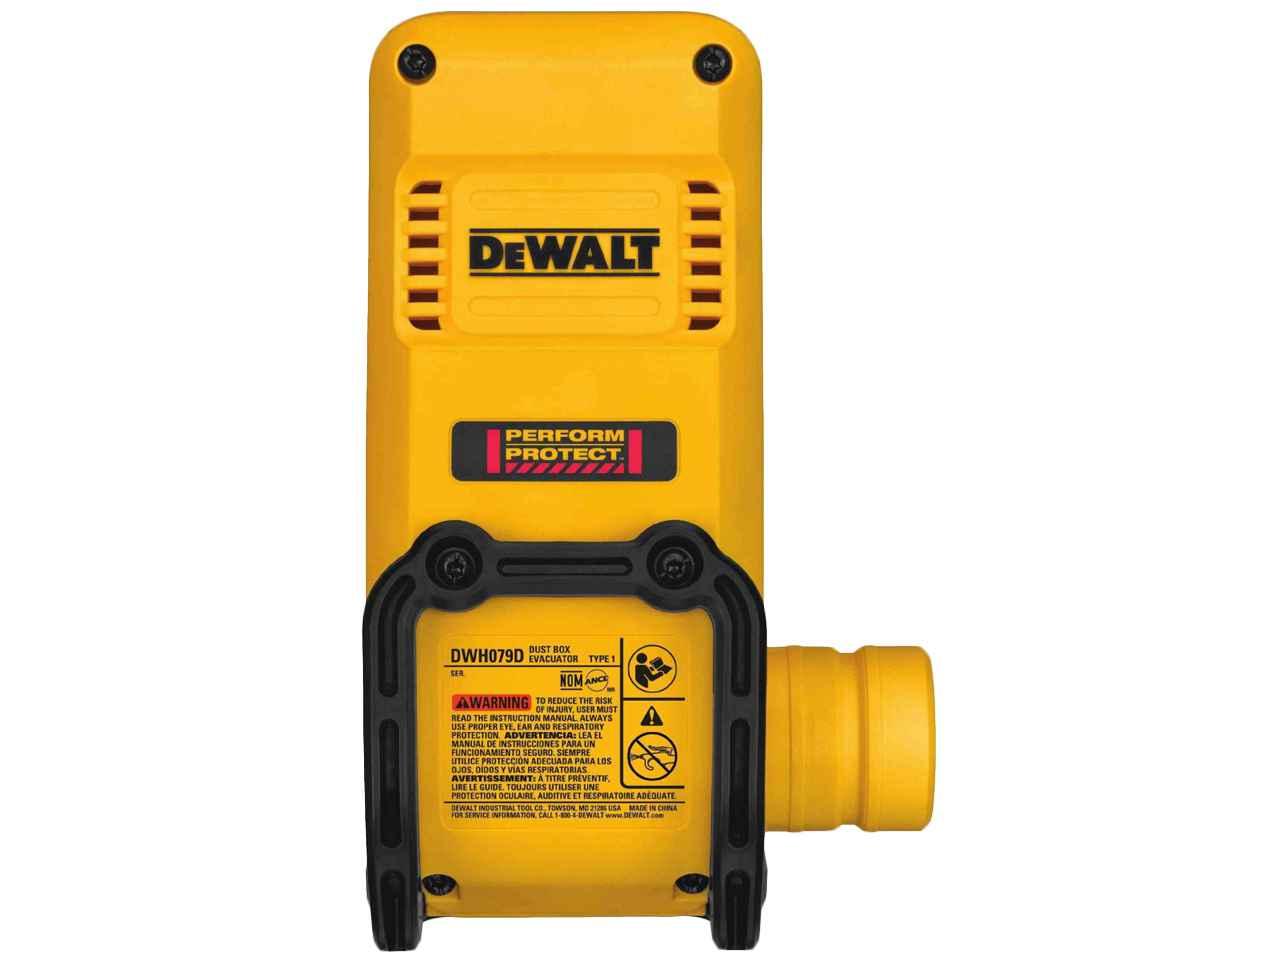 DeWalt DWH079D-XJ Dust Box Evacuator £7.55 with code at FFX